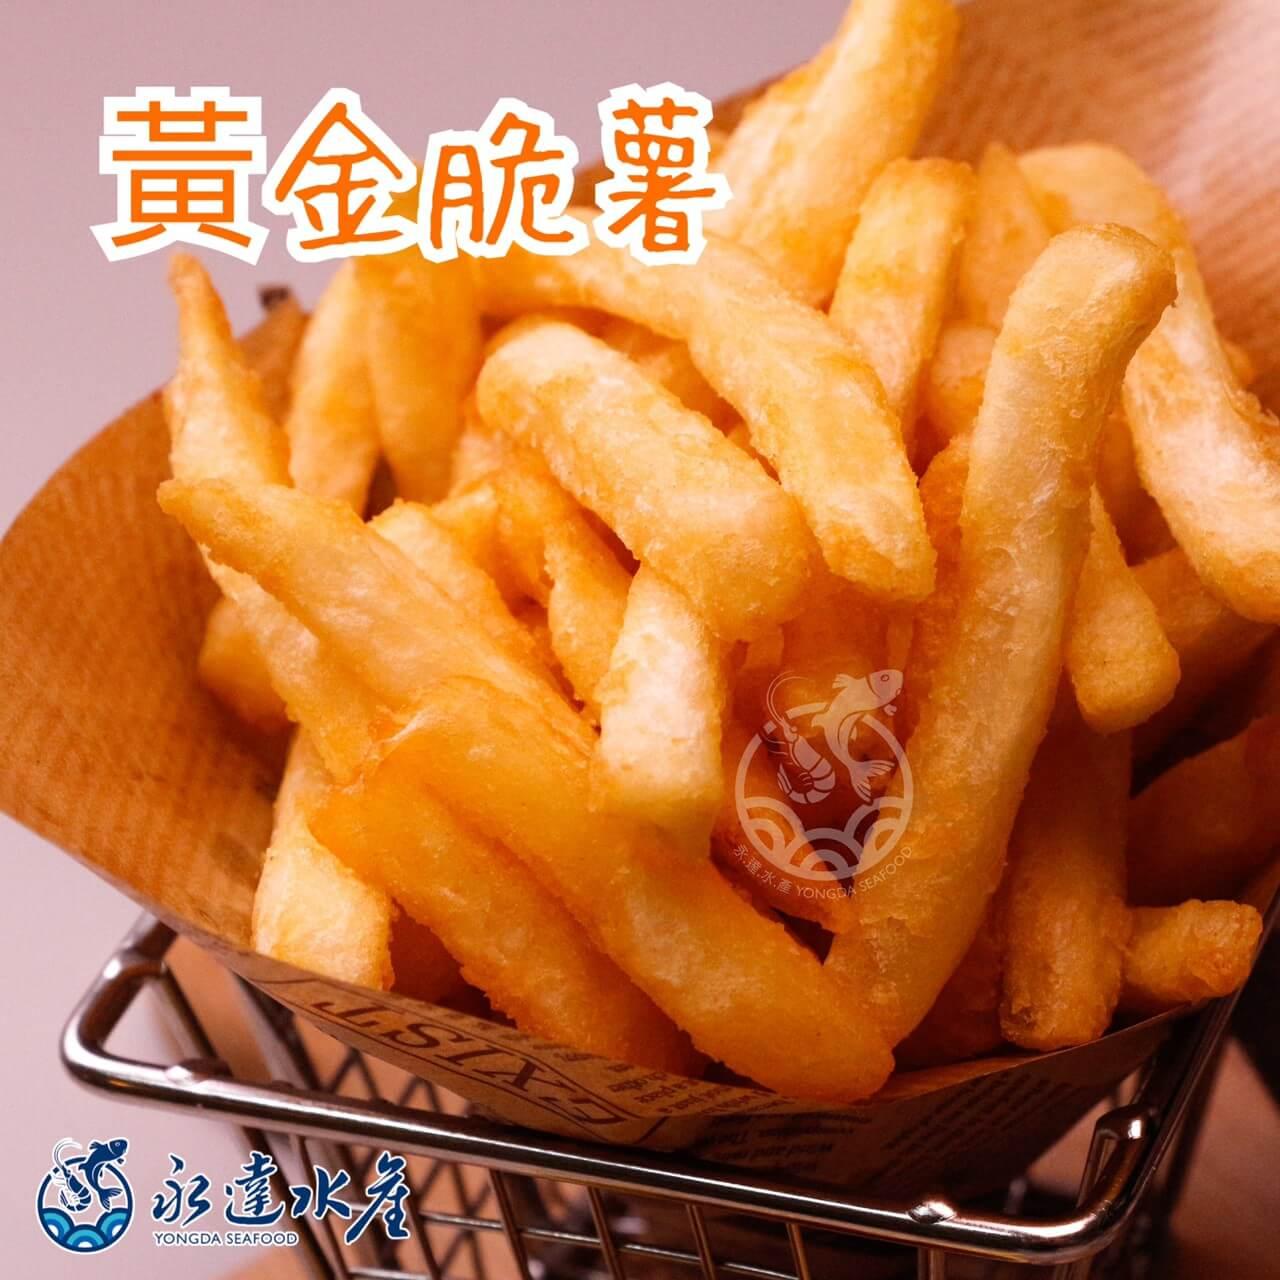 食品|黃金脆薯|脆薯|薯條|馬鈴薯